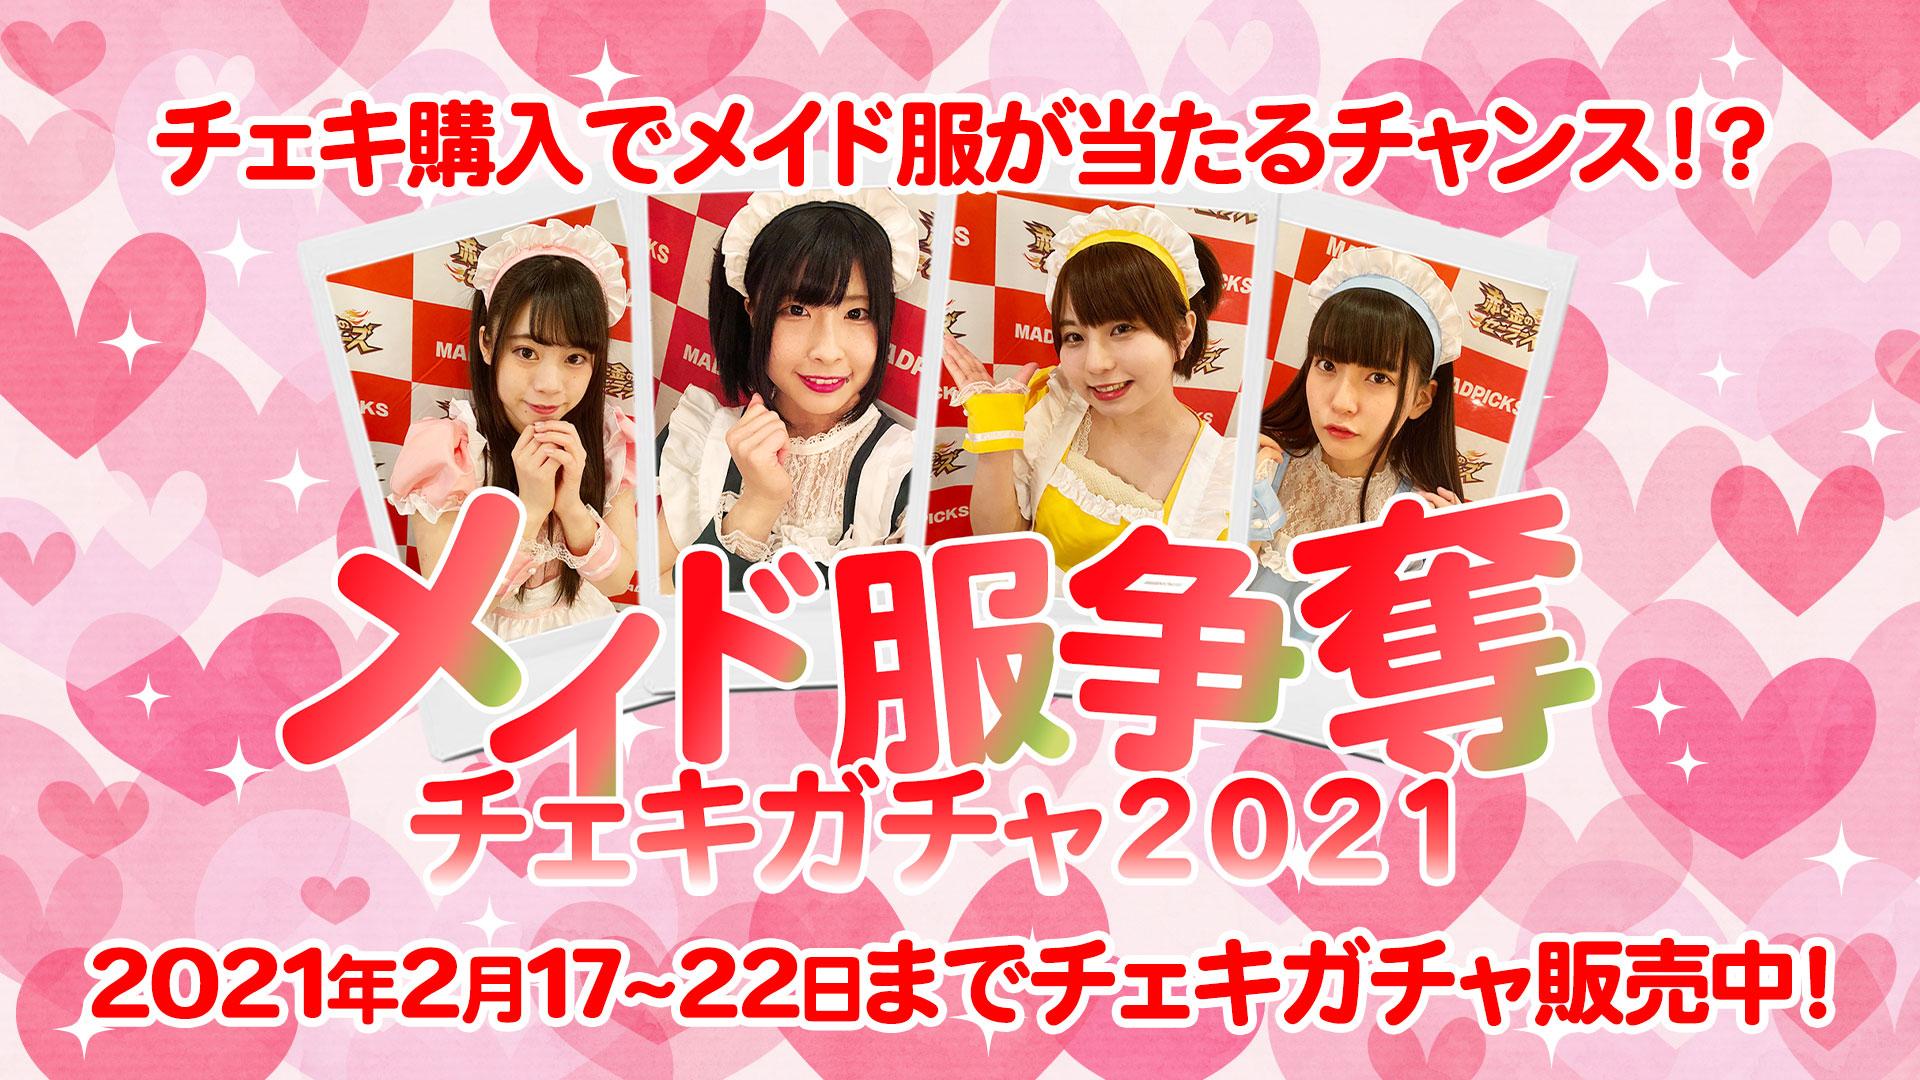 【2月22日まで】メイド服争奪チェキガチャ2021